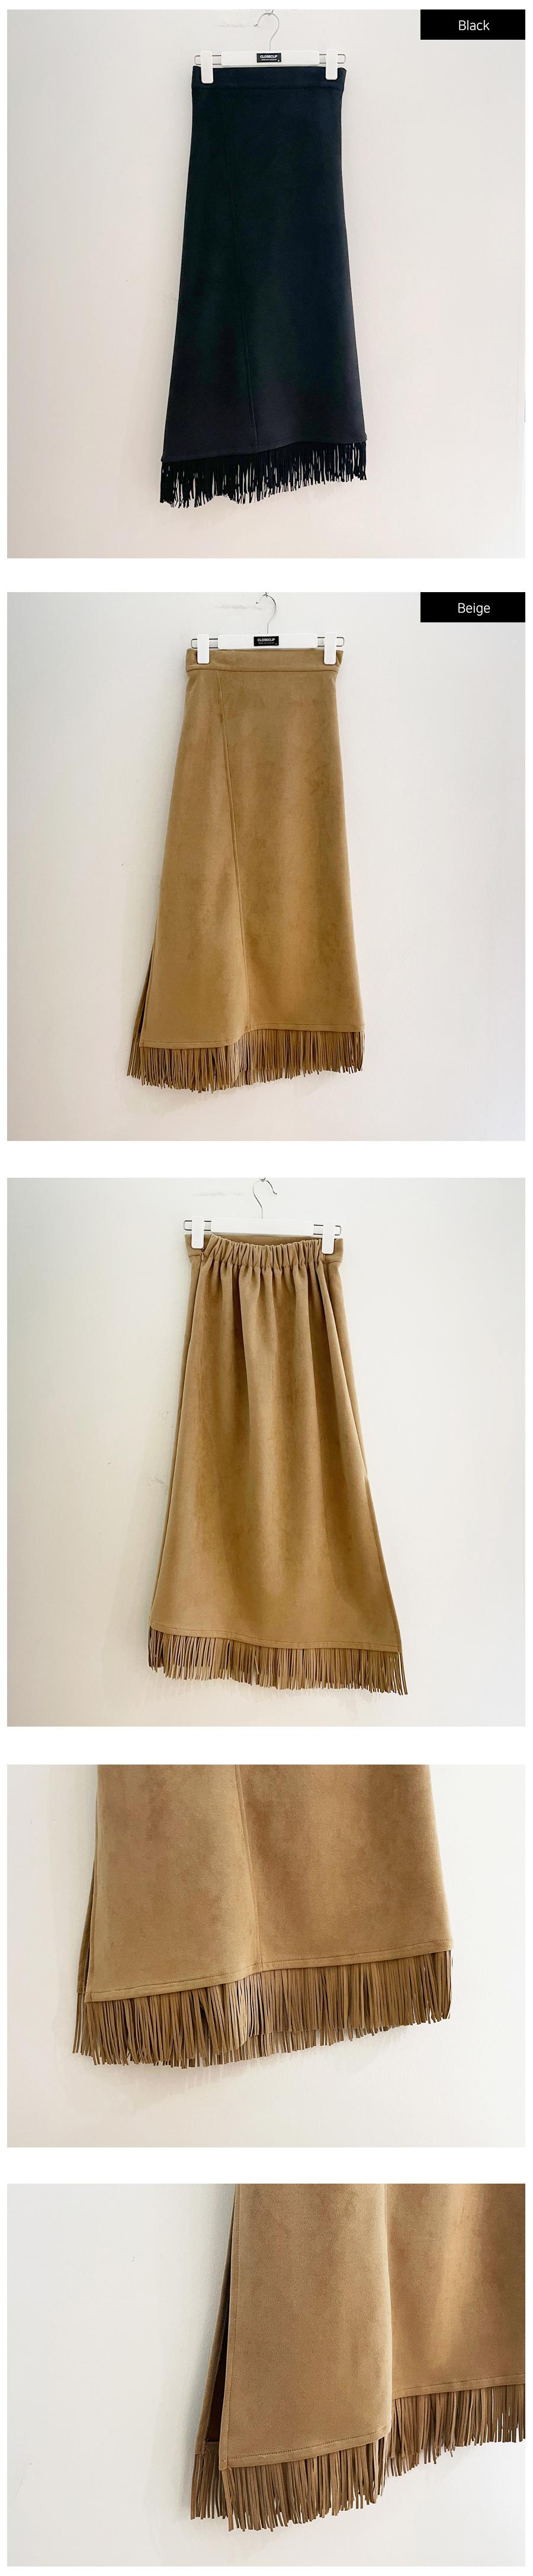 긴 드레스 카멜 색상 이미지-S1L44